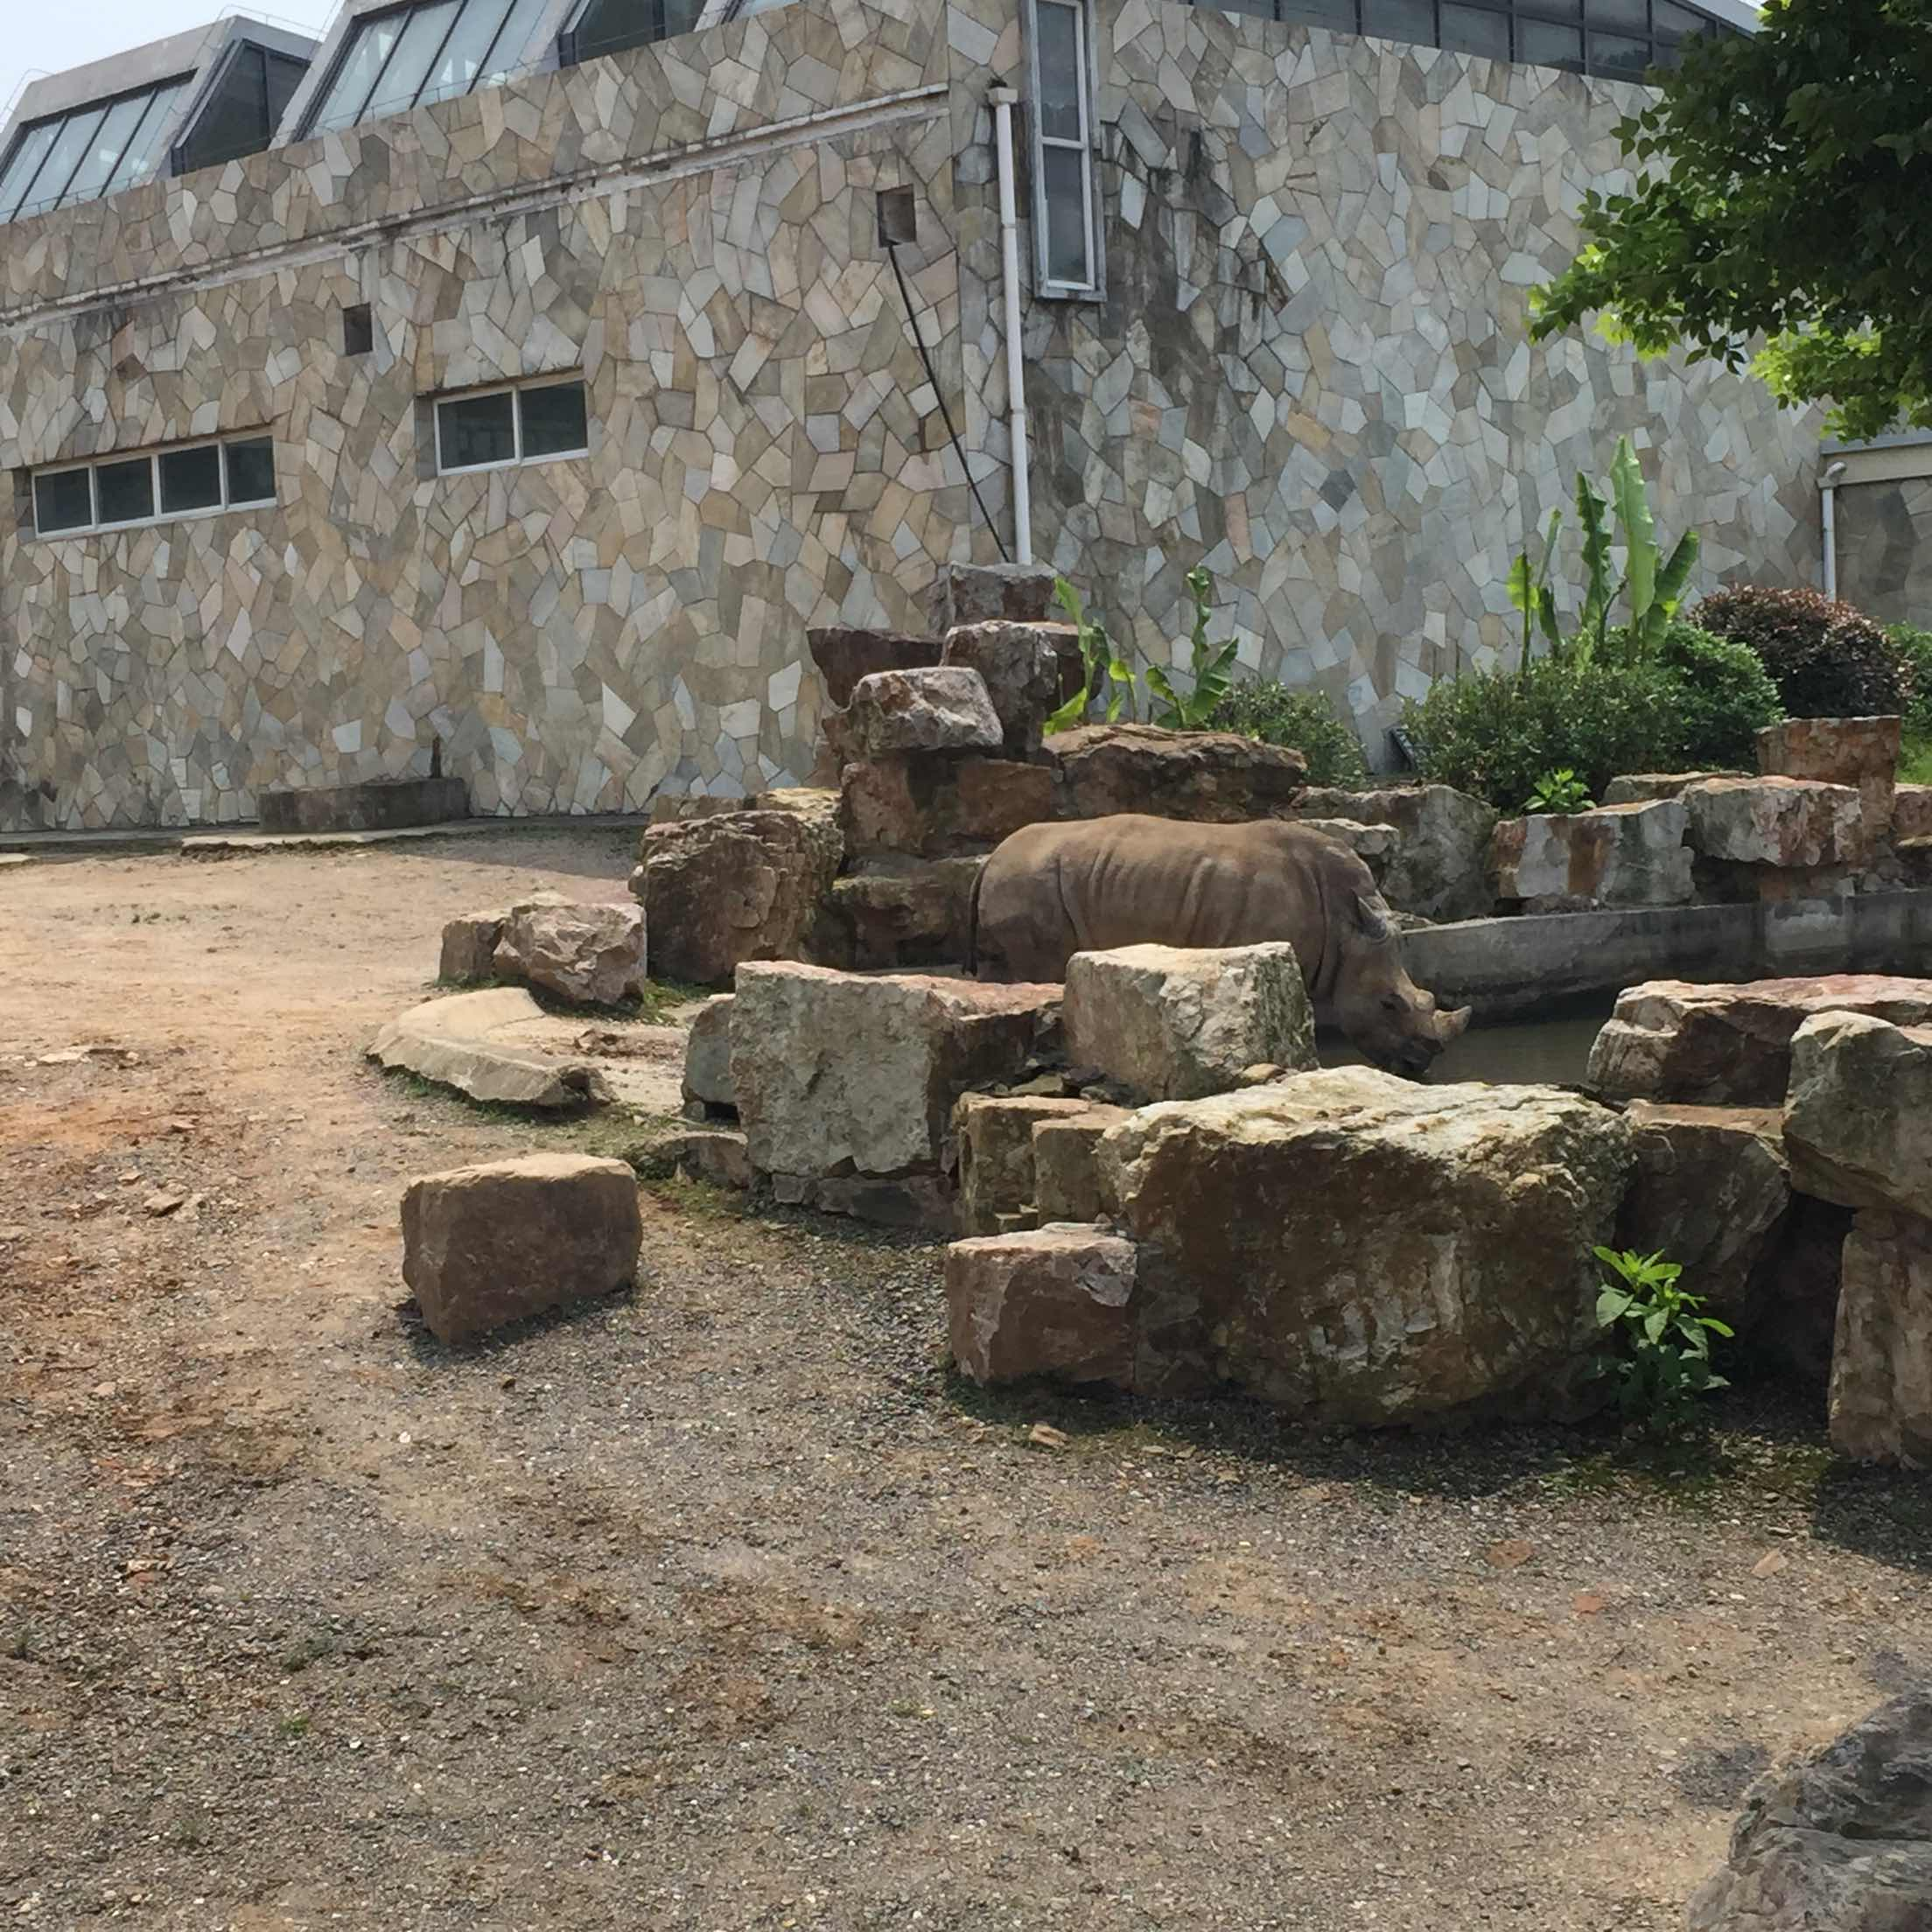 无锡动物园·太湖欢乐园   无锡动物园成人当日票【请在驴妈妈工作